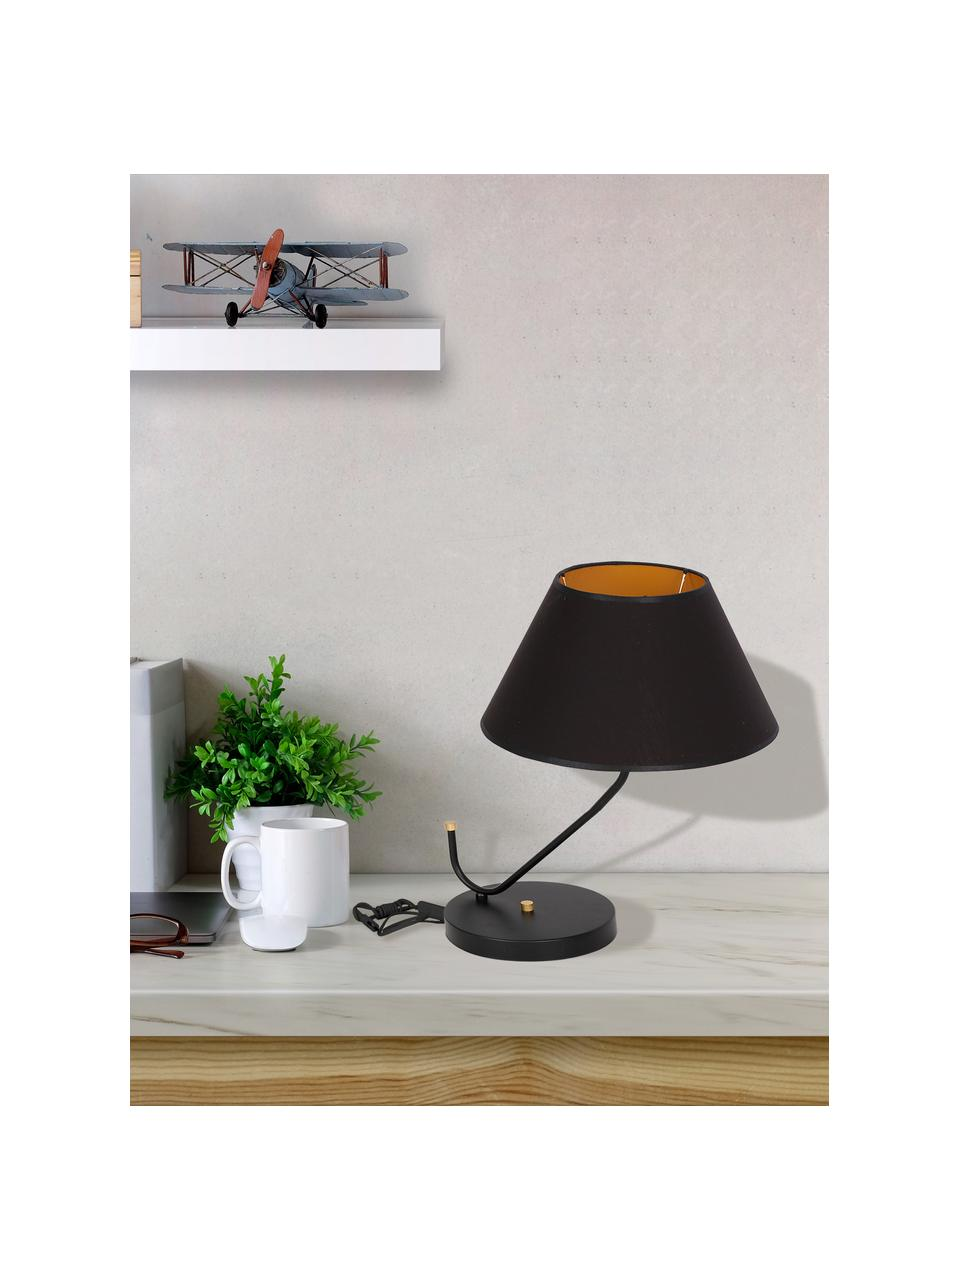 Große Tischlampe Victoria, Lampenschirm: Baumwollgemisch, Lampenfuß: Metall, beschichtet, Dekor: Metall, beschichtet, Schwarz, Goldfarben, 45 x 50 cm